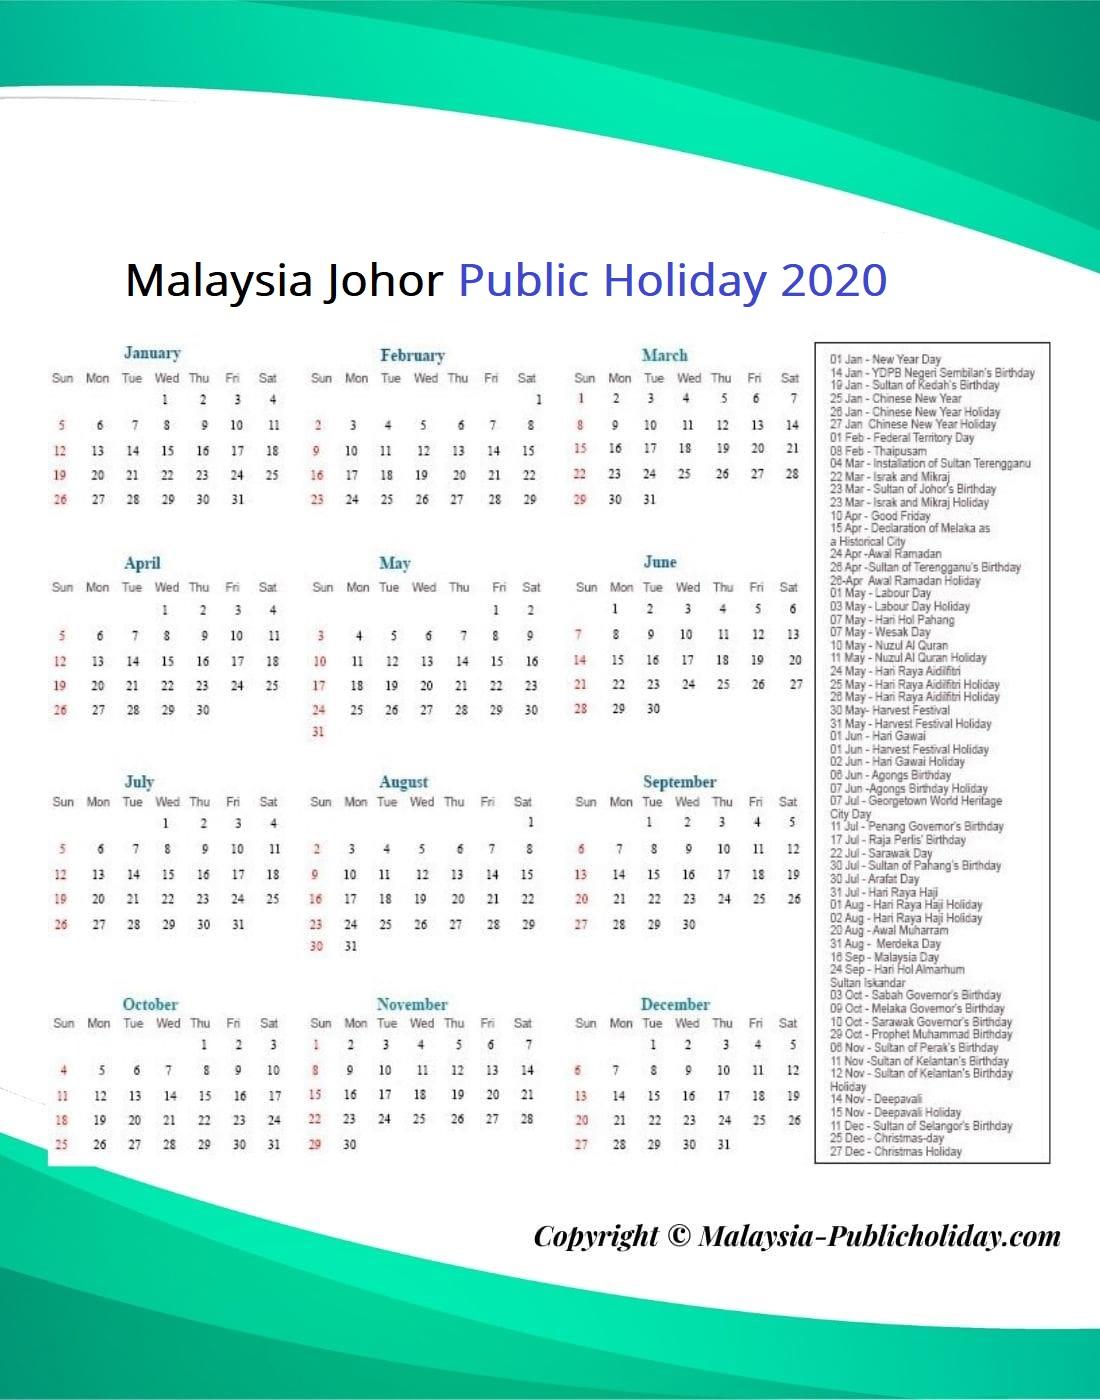 Johor Public Holiday 2020